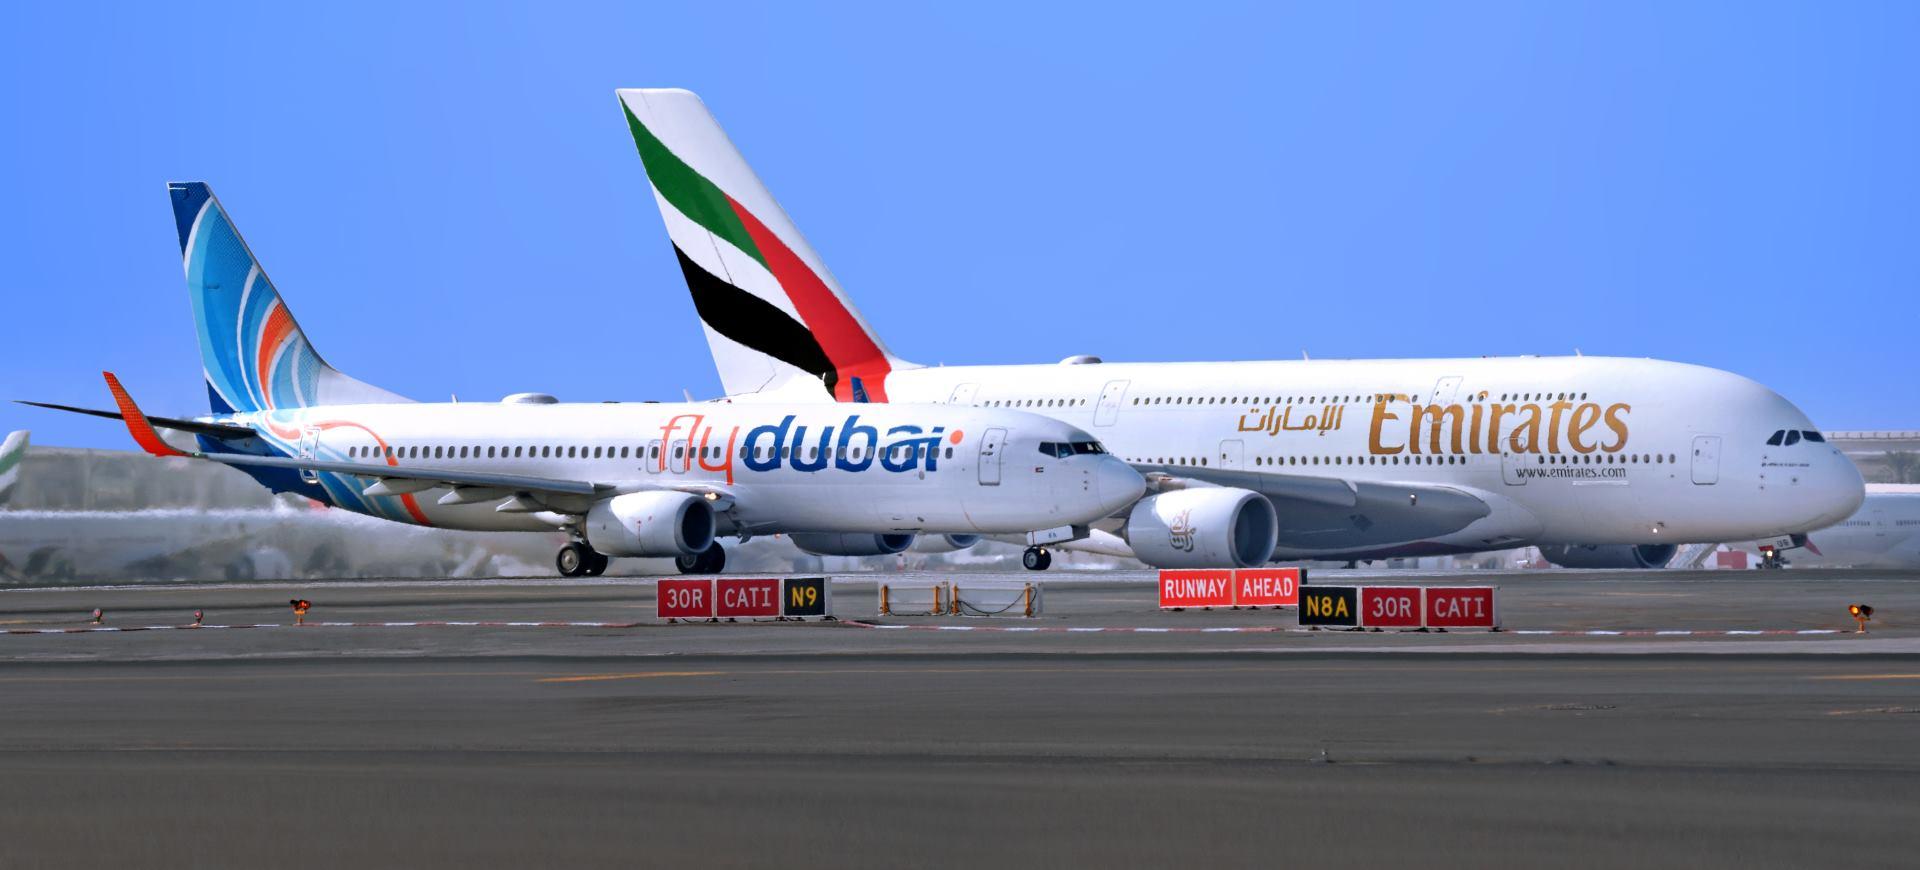 Emirates i flydubai najavili prve rute na kojima će koristiti zajedničke oznake letova (codesharing)